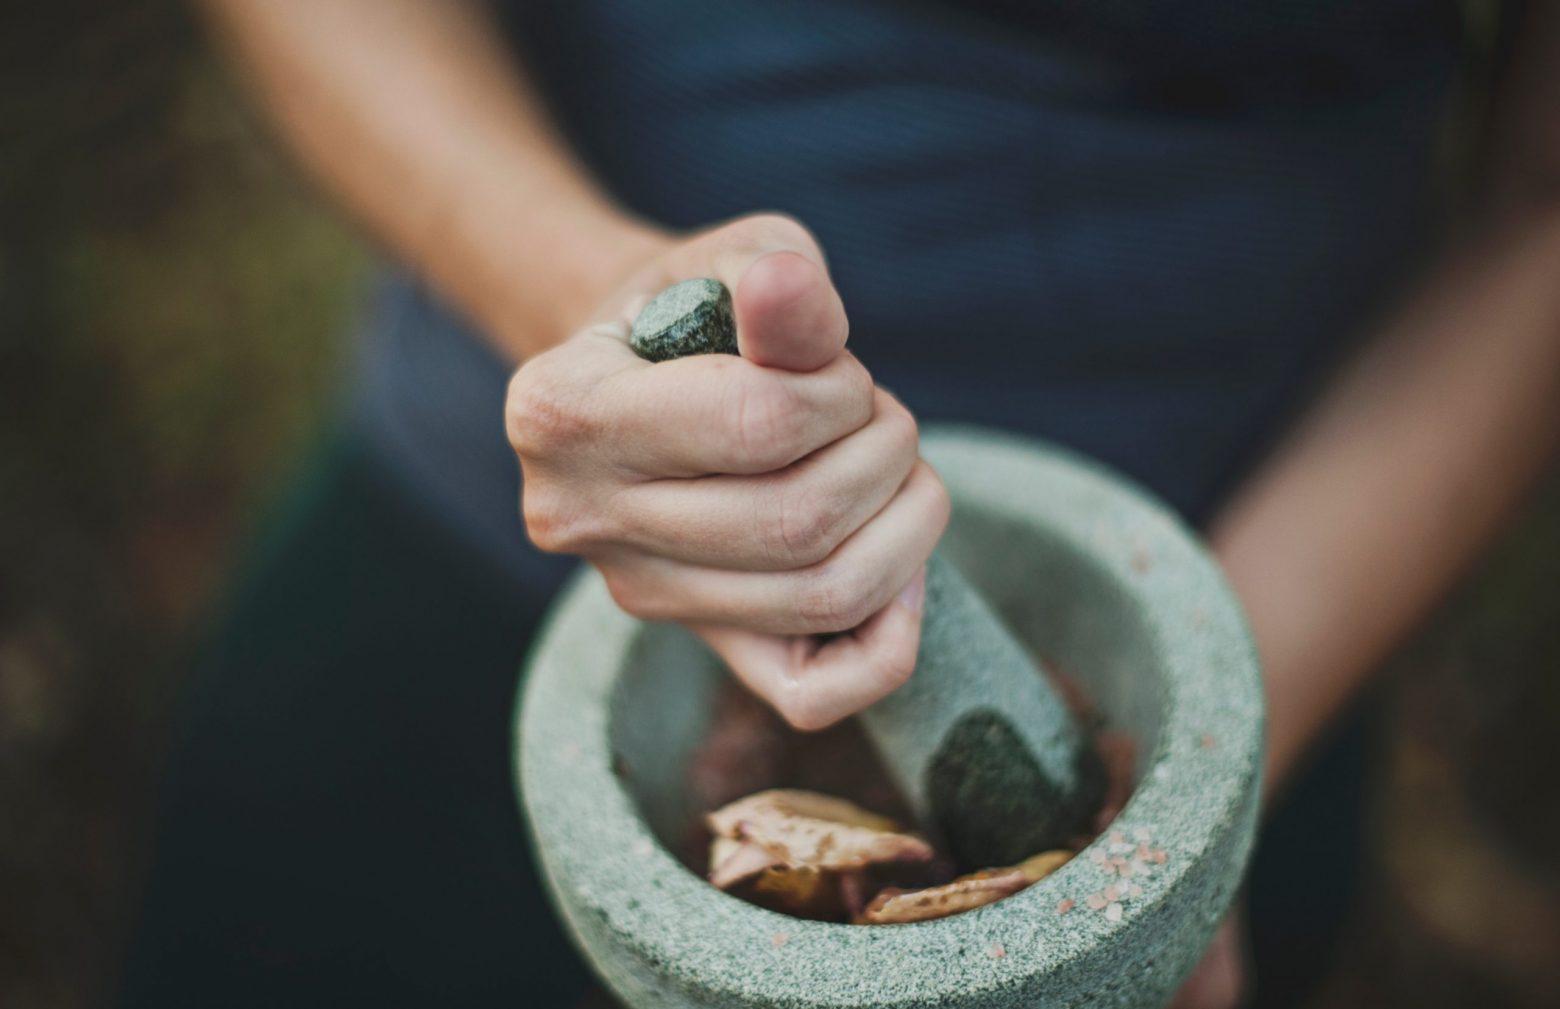 Pestal and Mortar - chinese herbs